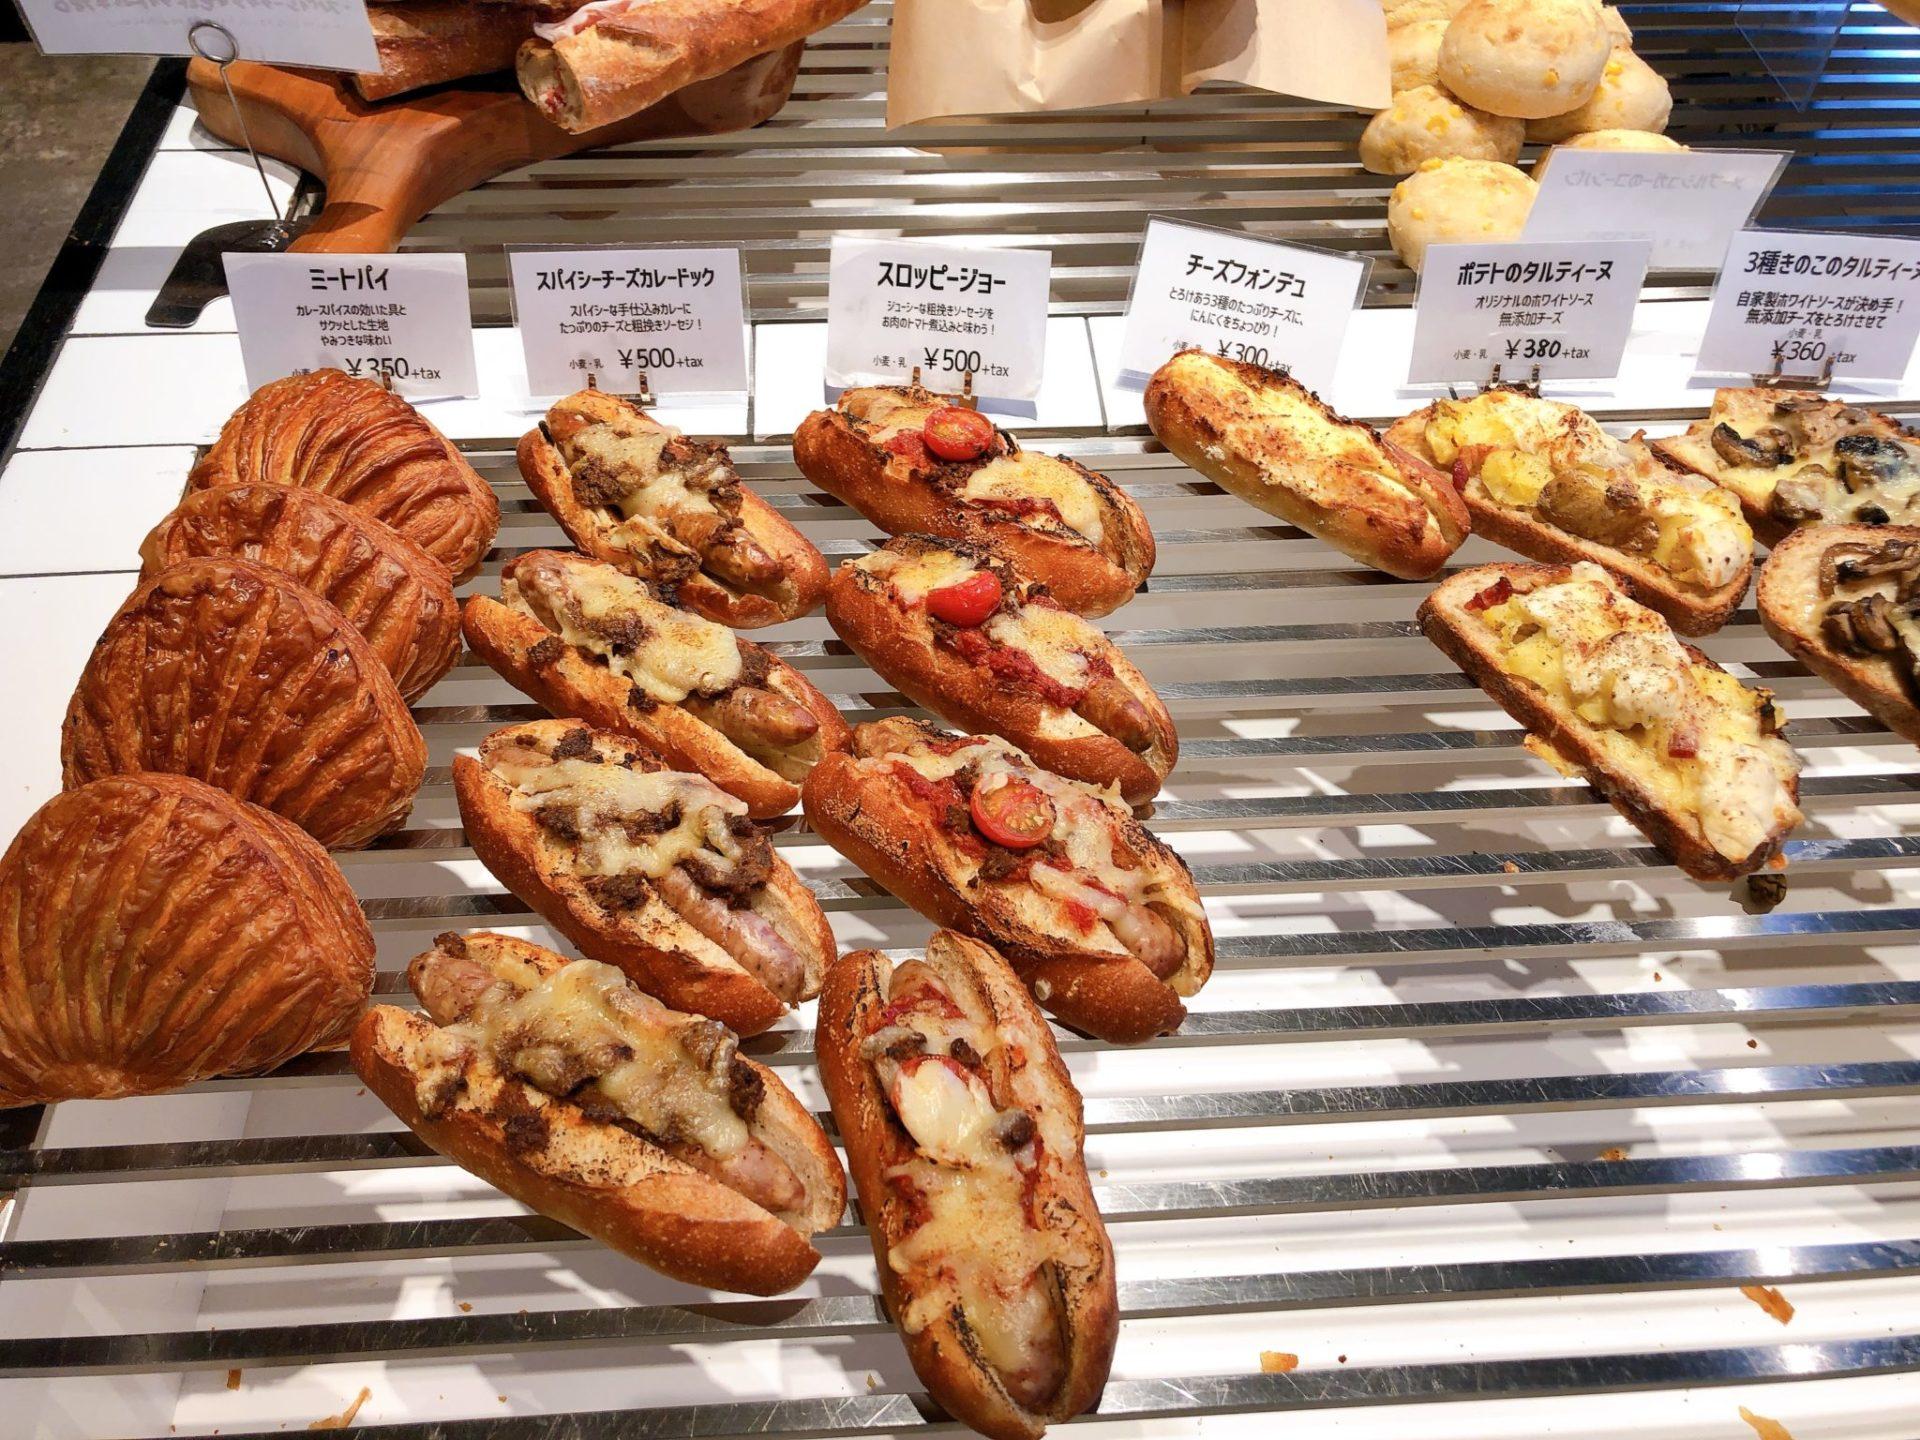 トリュフベーカリー三軒茶屋店の食事系パン